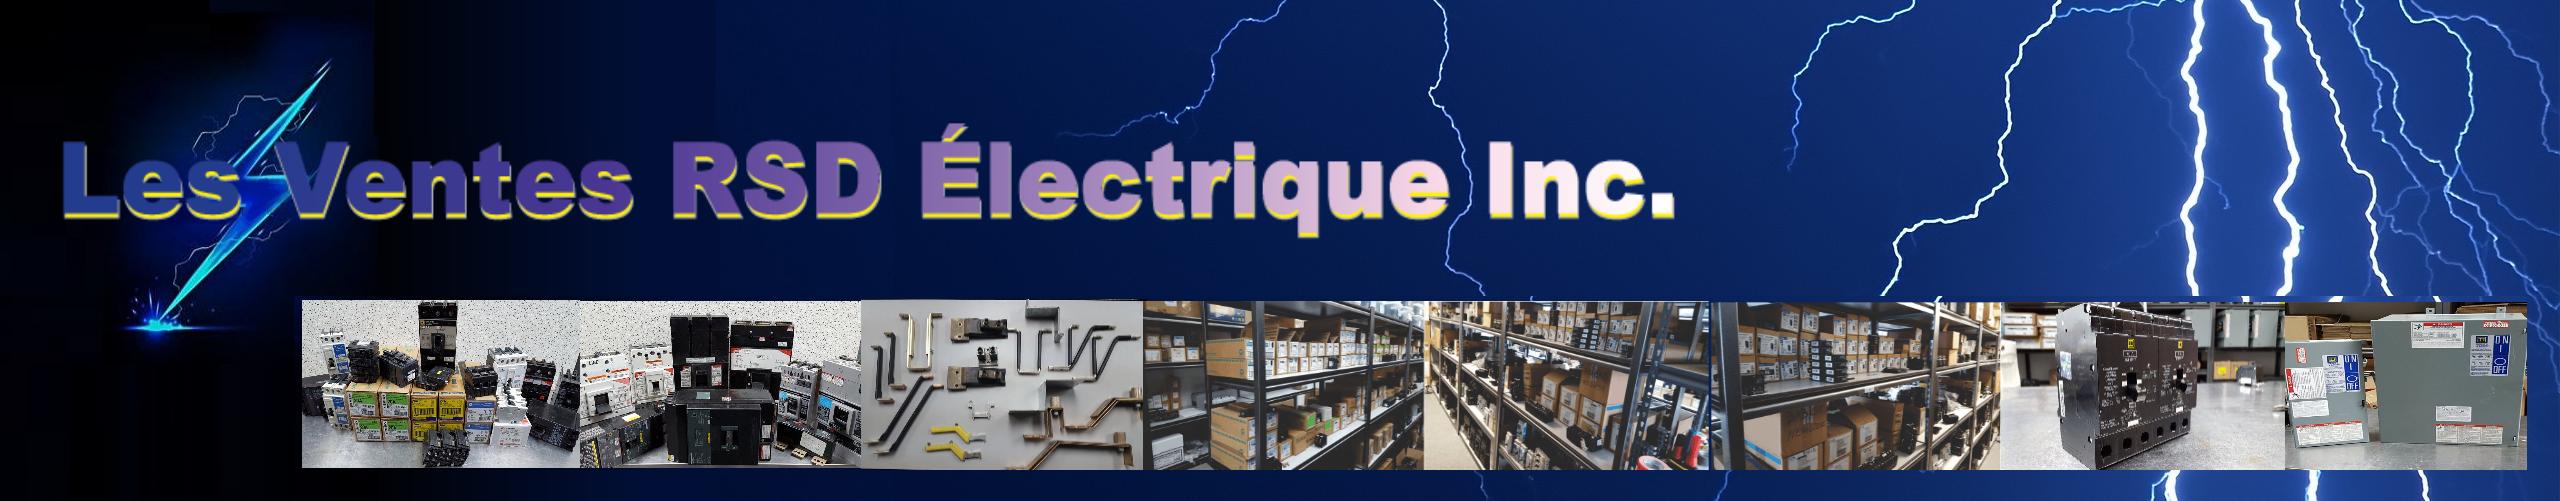 RSD Electrique